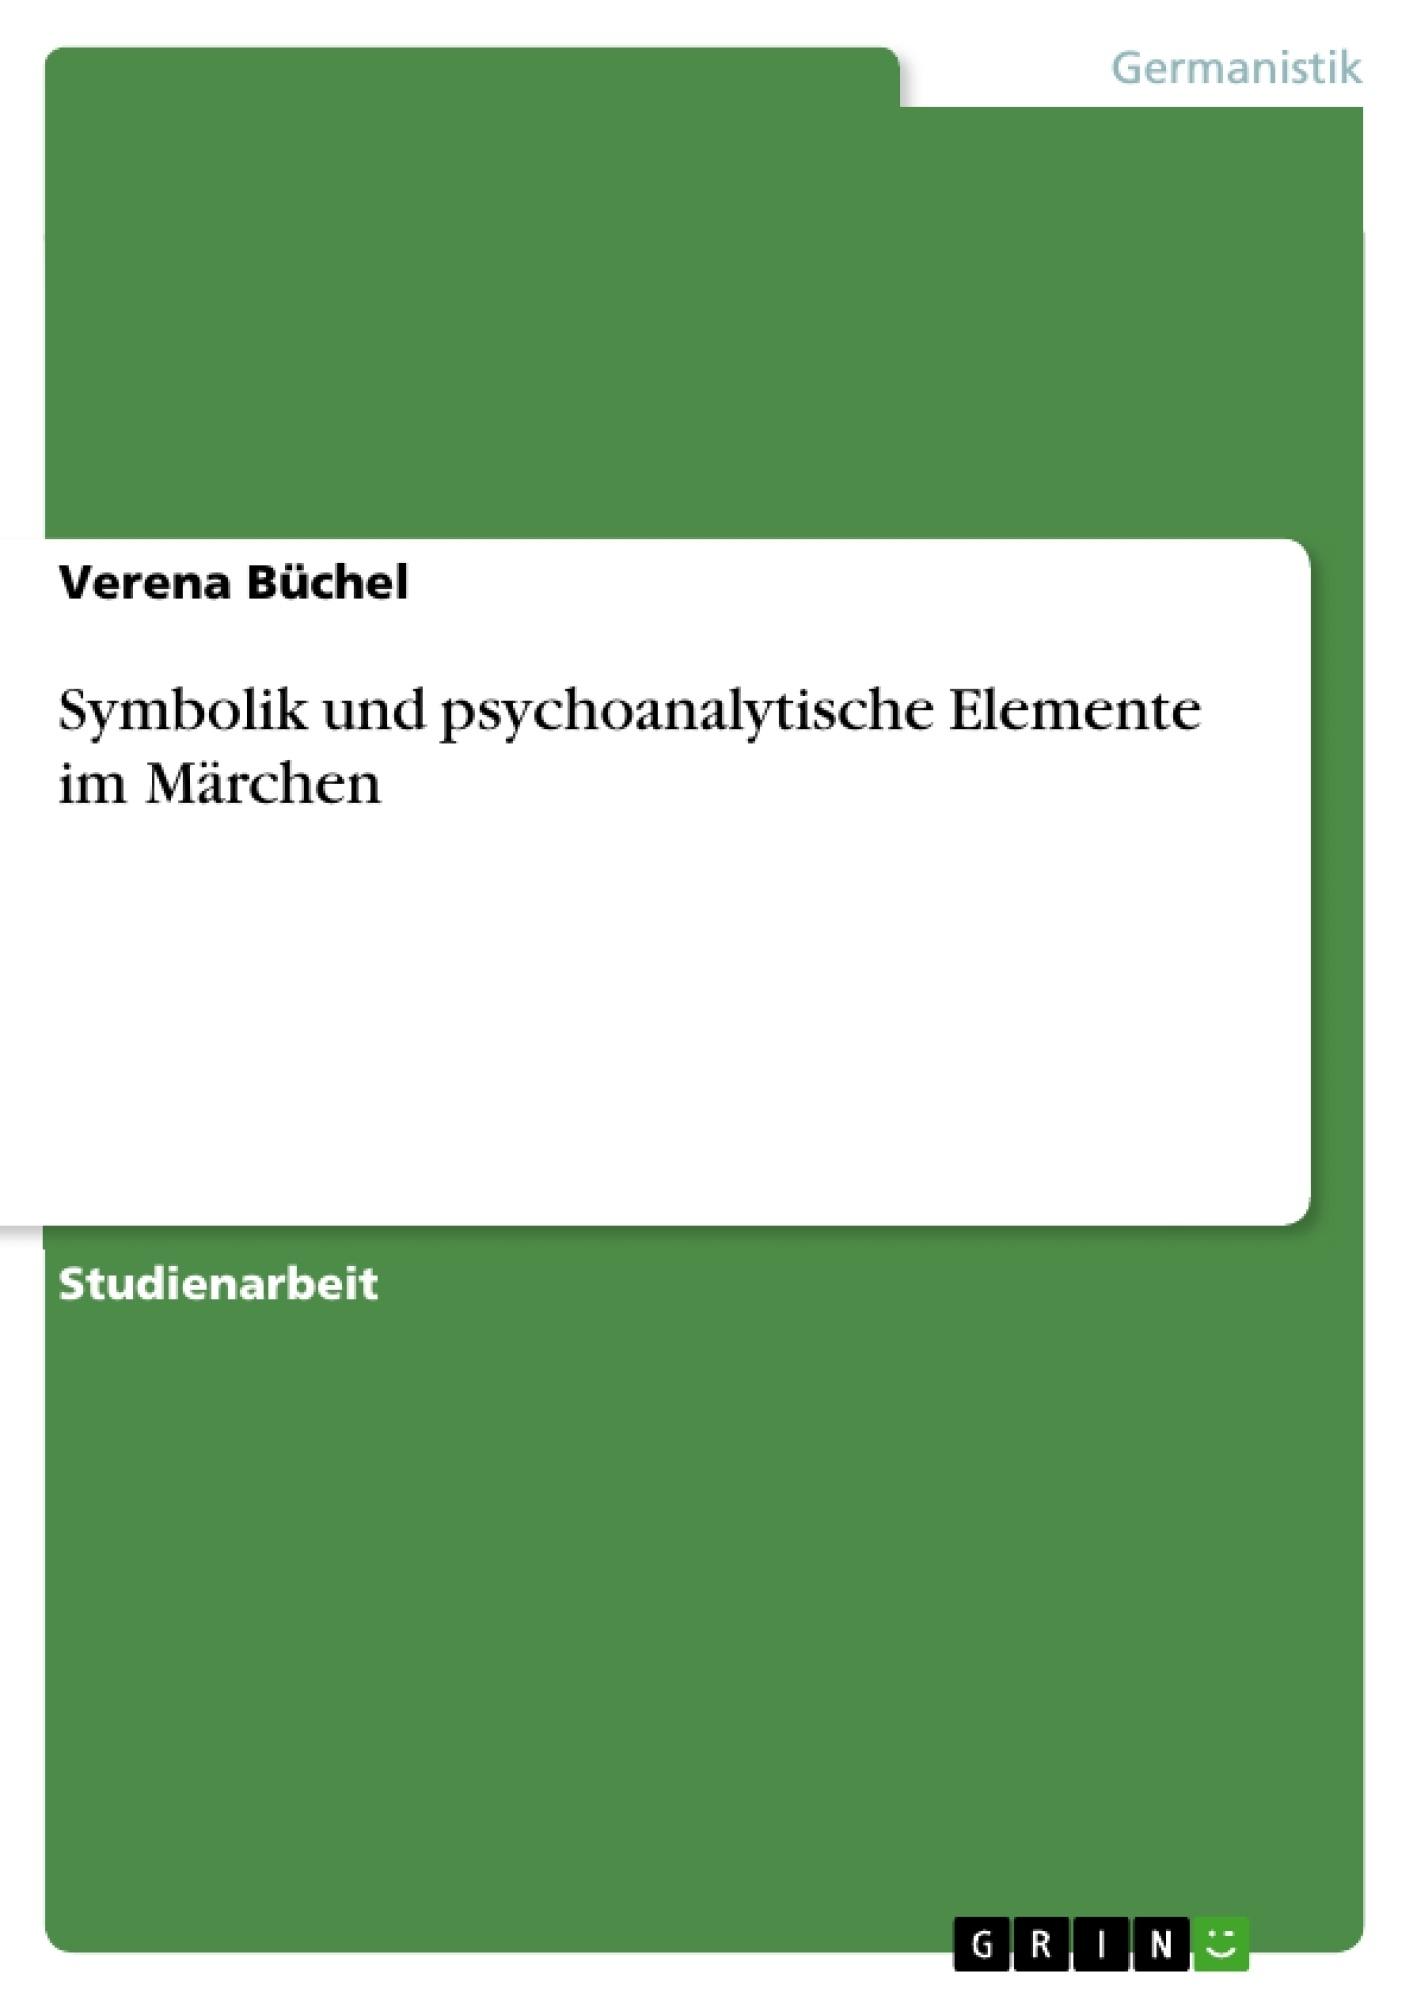 Titel: Symbolik und psychoanalytische Elemente im Märchen